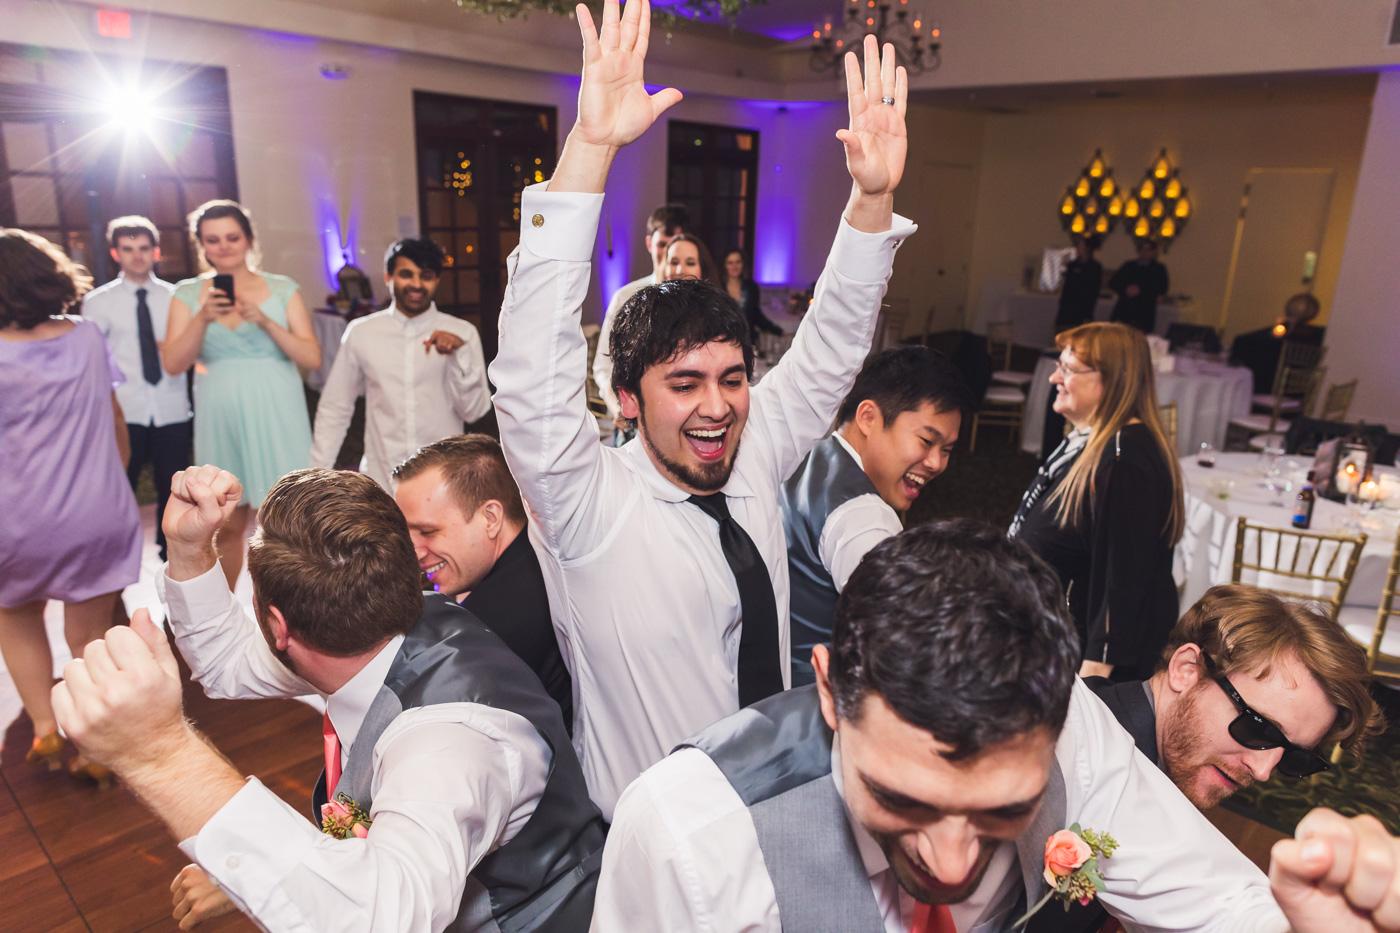 happy-groom-at-wedding-reception